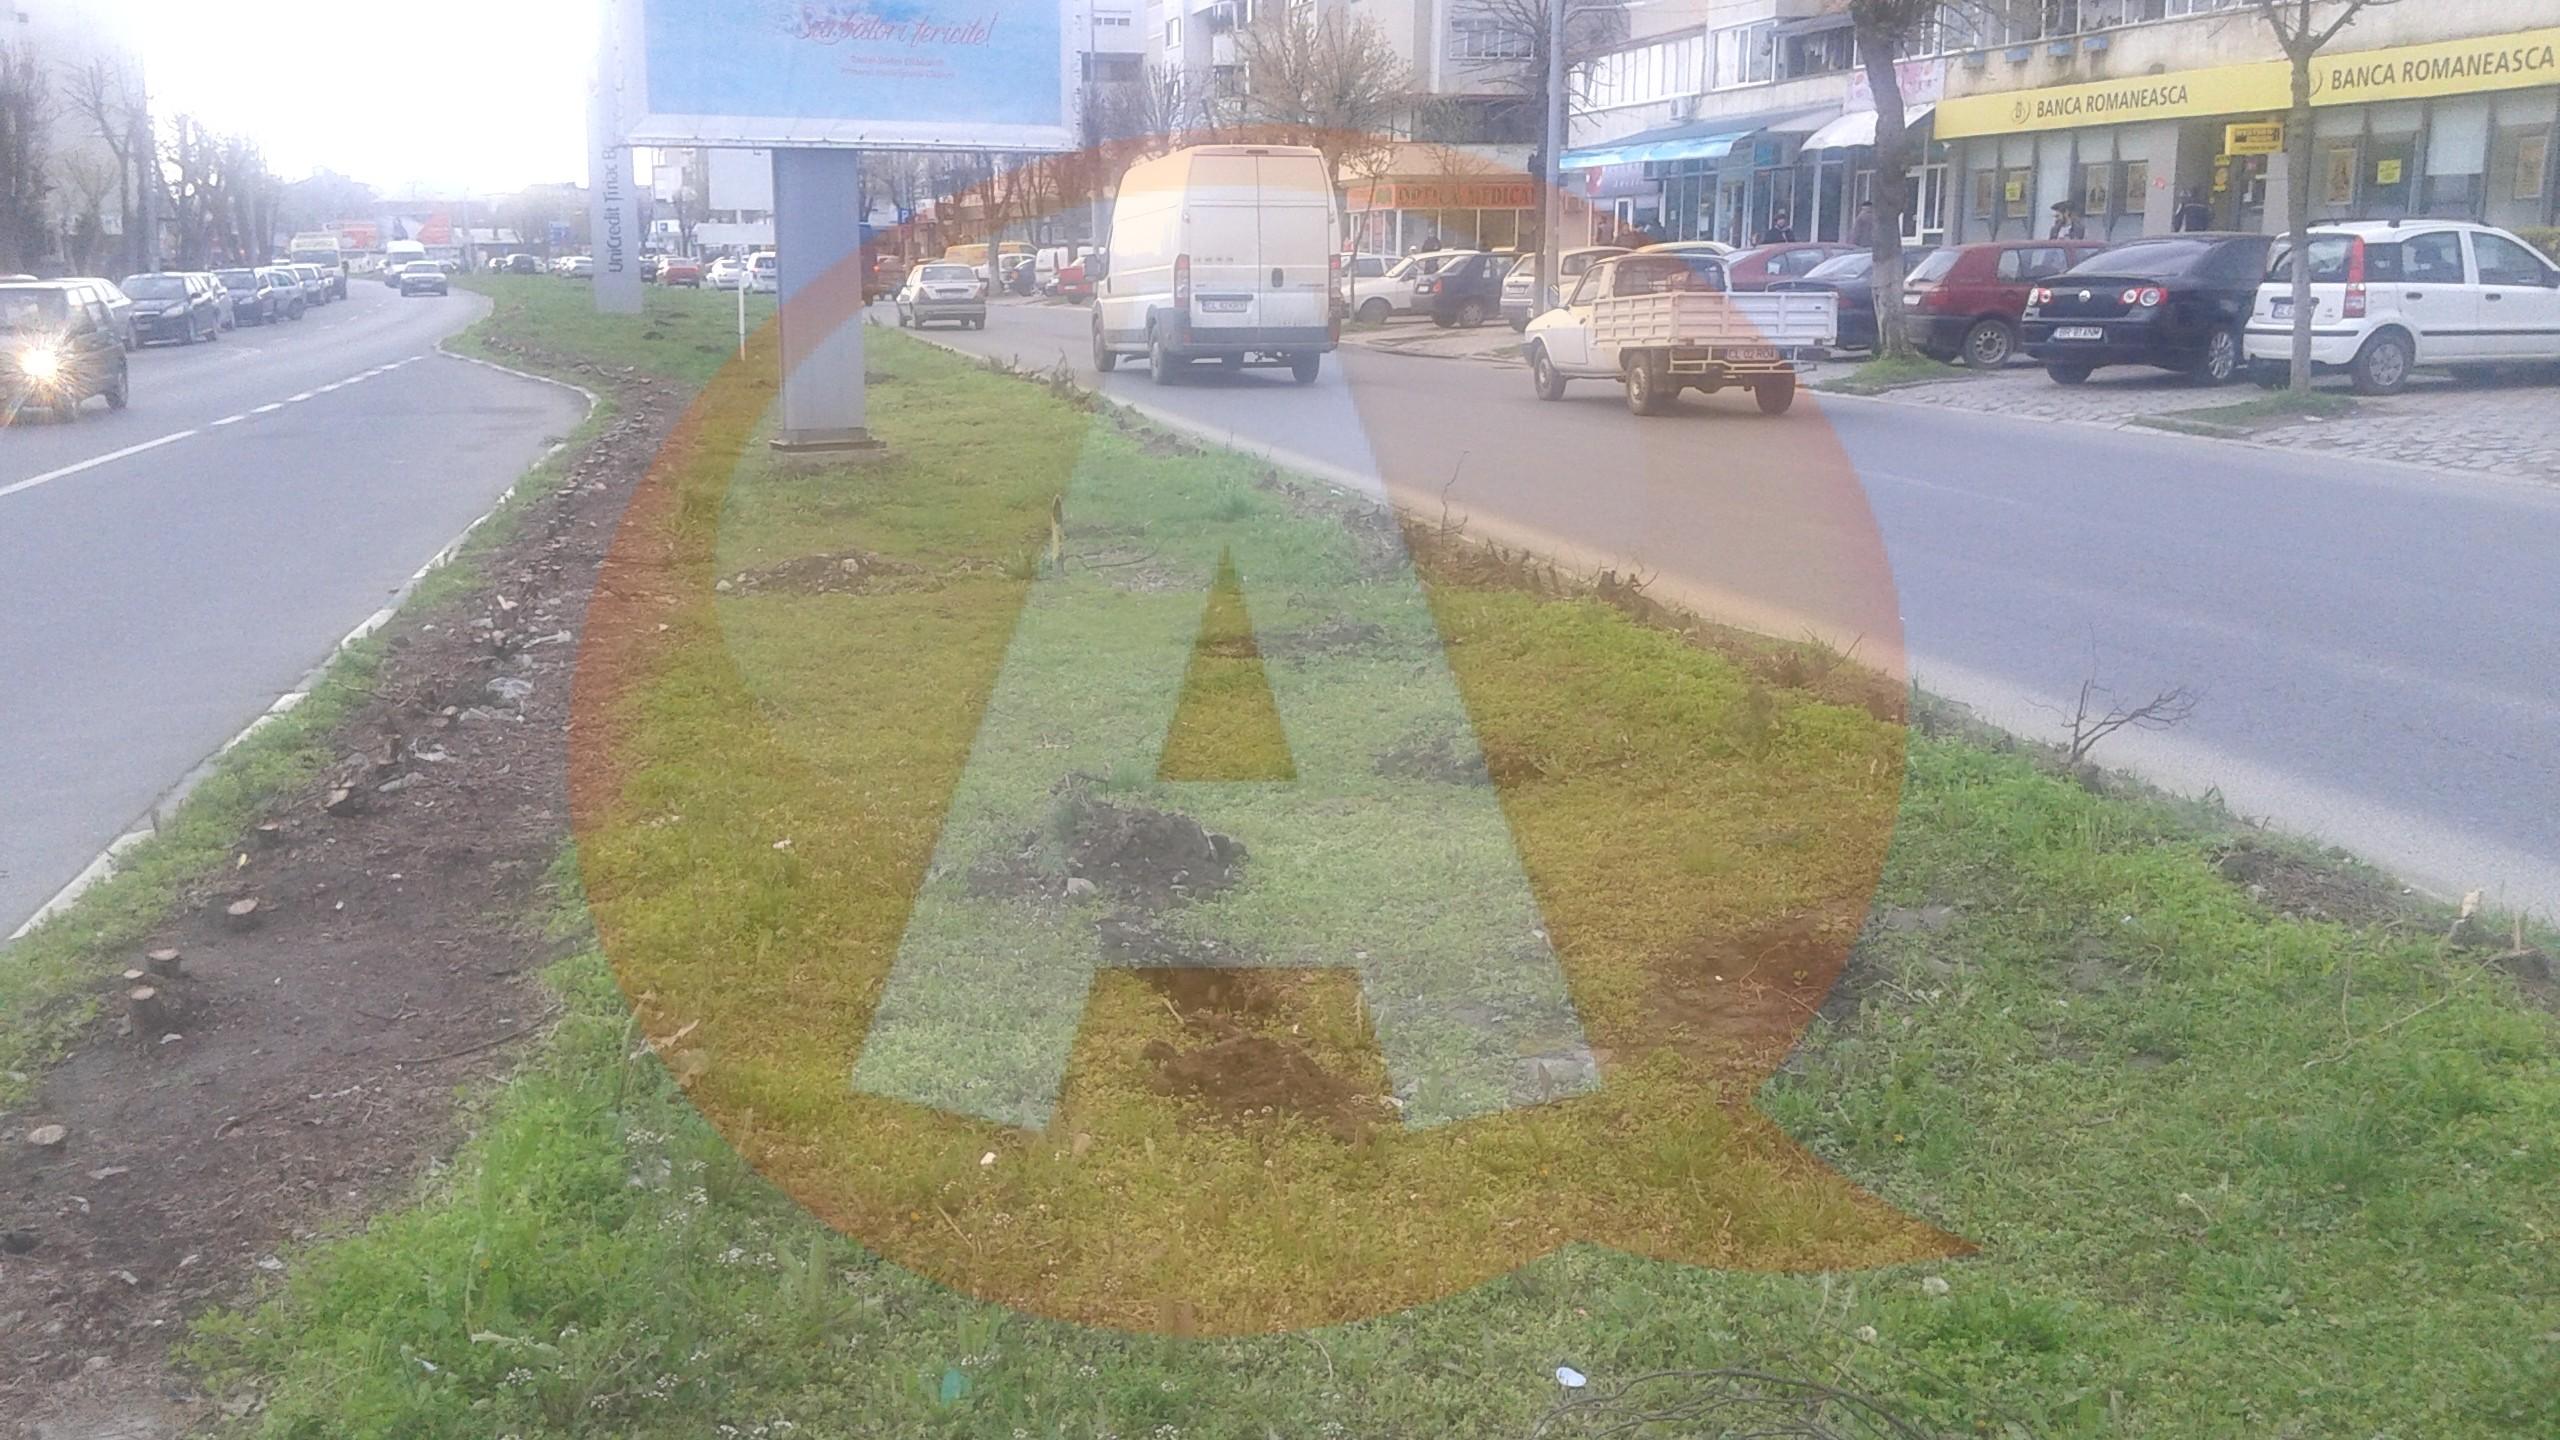 Ce se întâmplă cu spațiul verde de pe strada București?